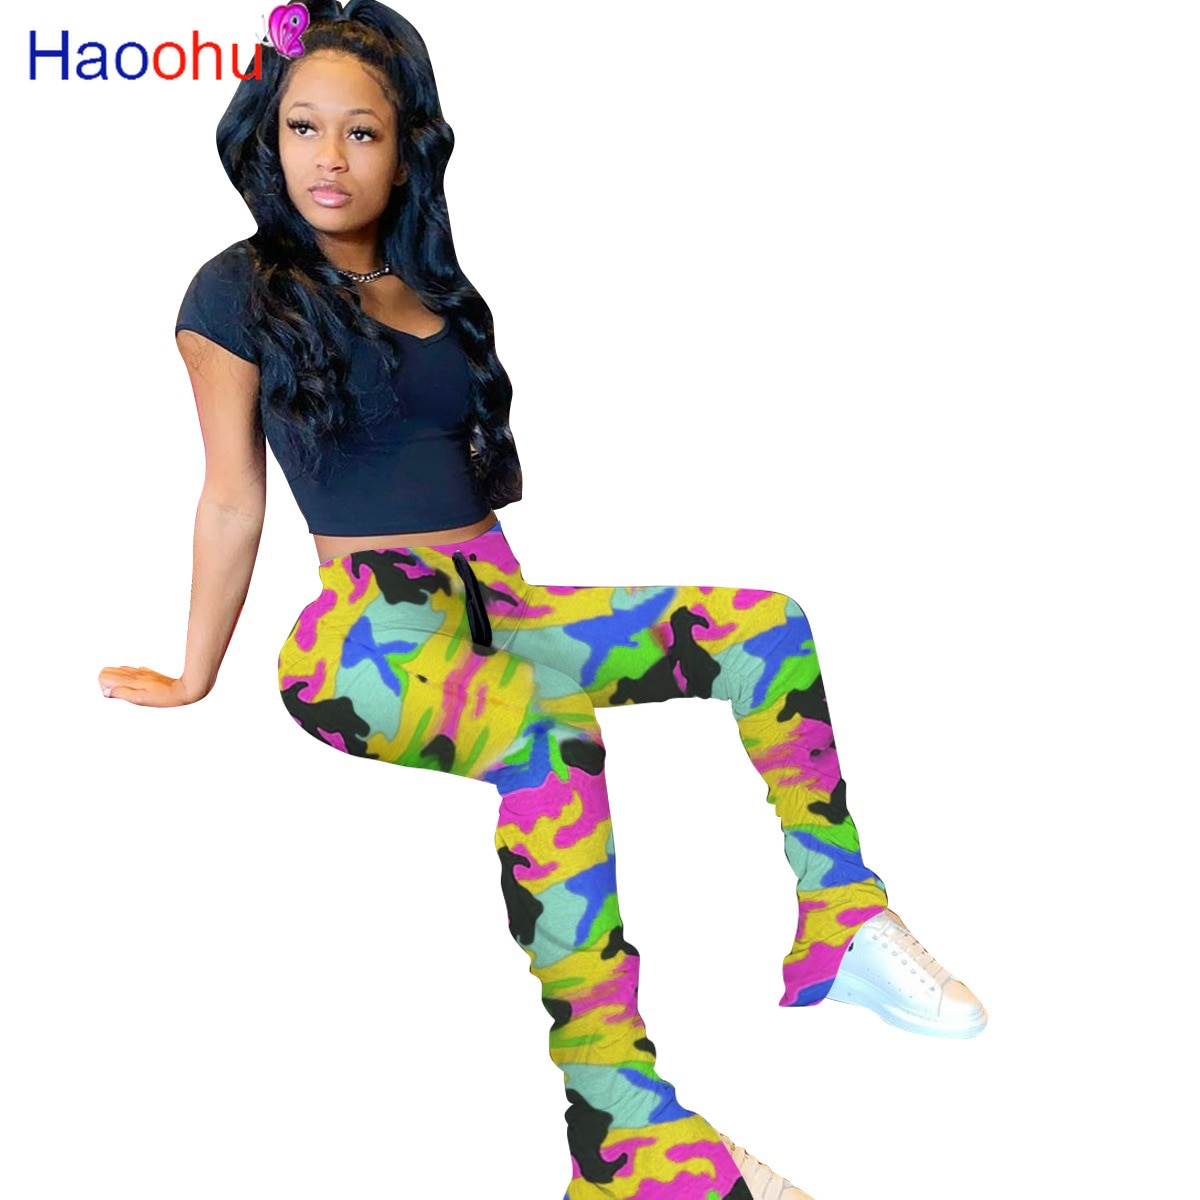 Pantalones de chándal apilados con estampado de camuflaje de arcoíris para mujer, pantalones elásticos de cintura alta, pantalones casuales con dobladillo dividido, mallas para correr